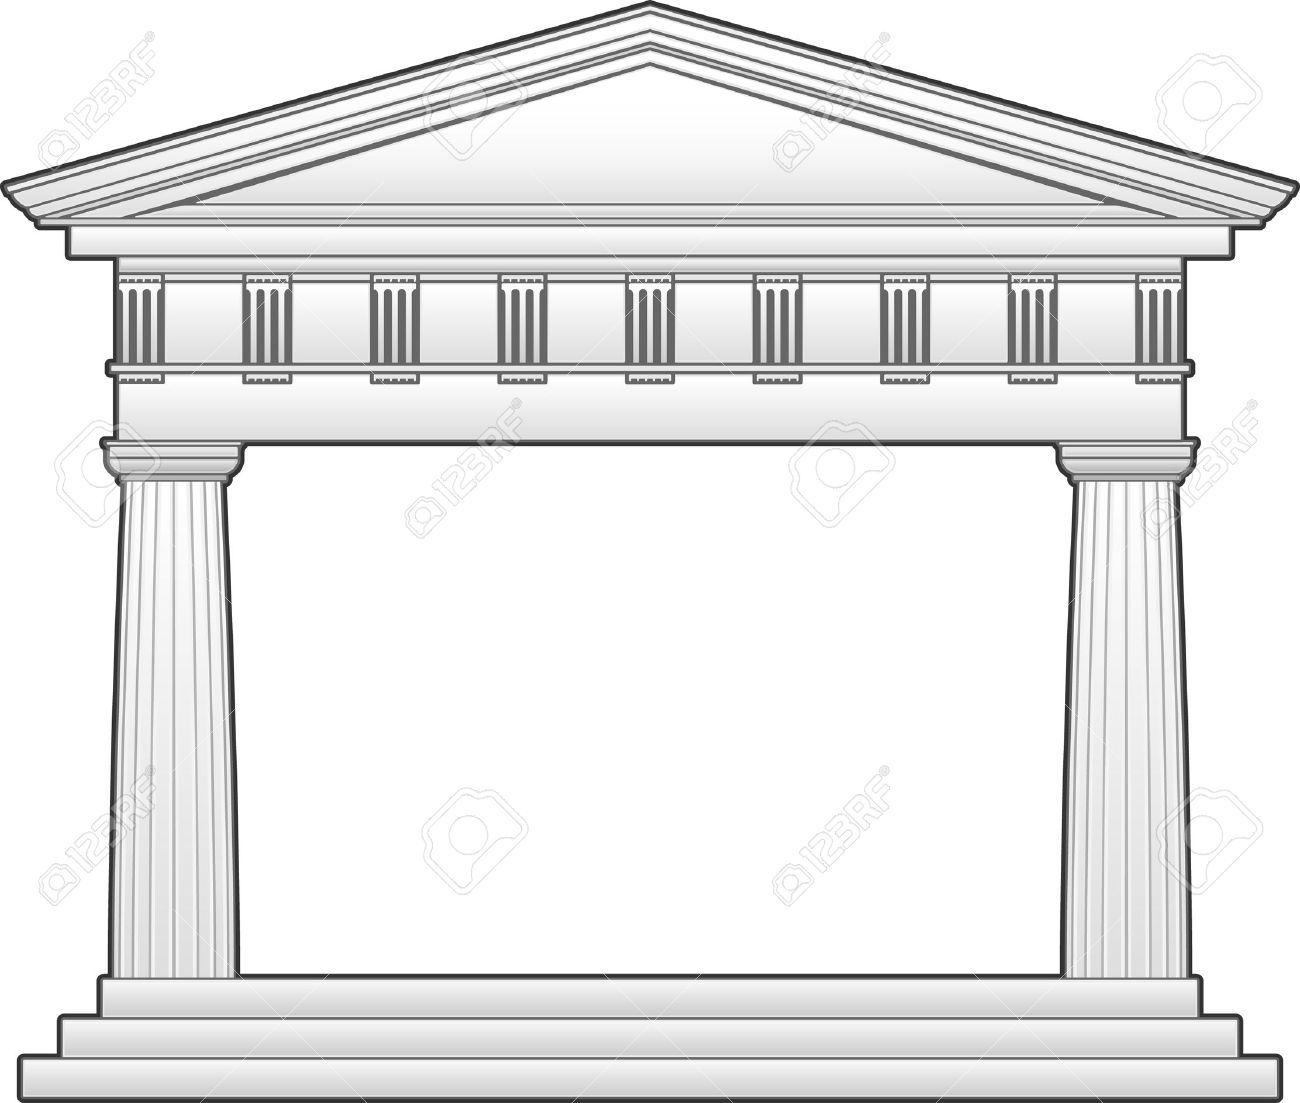 Temple Clipart Greek Building 2 Greek Parthenon House Designs